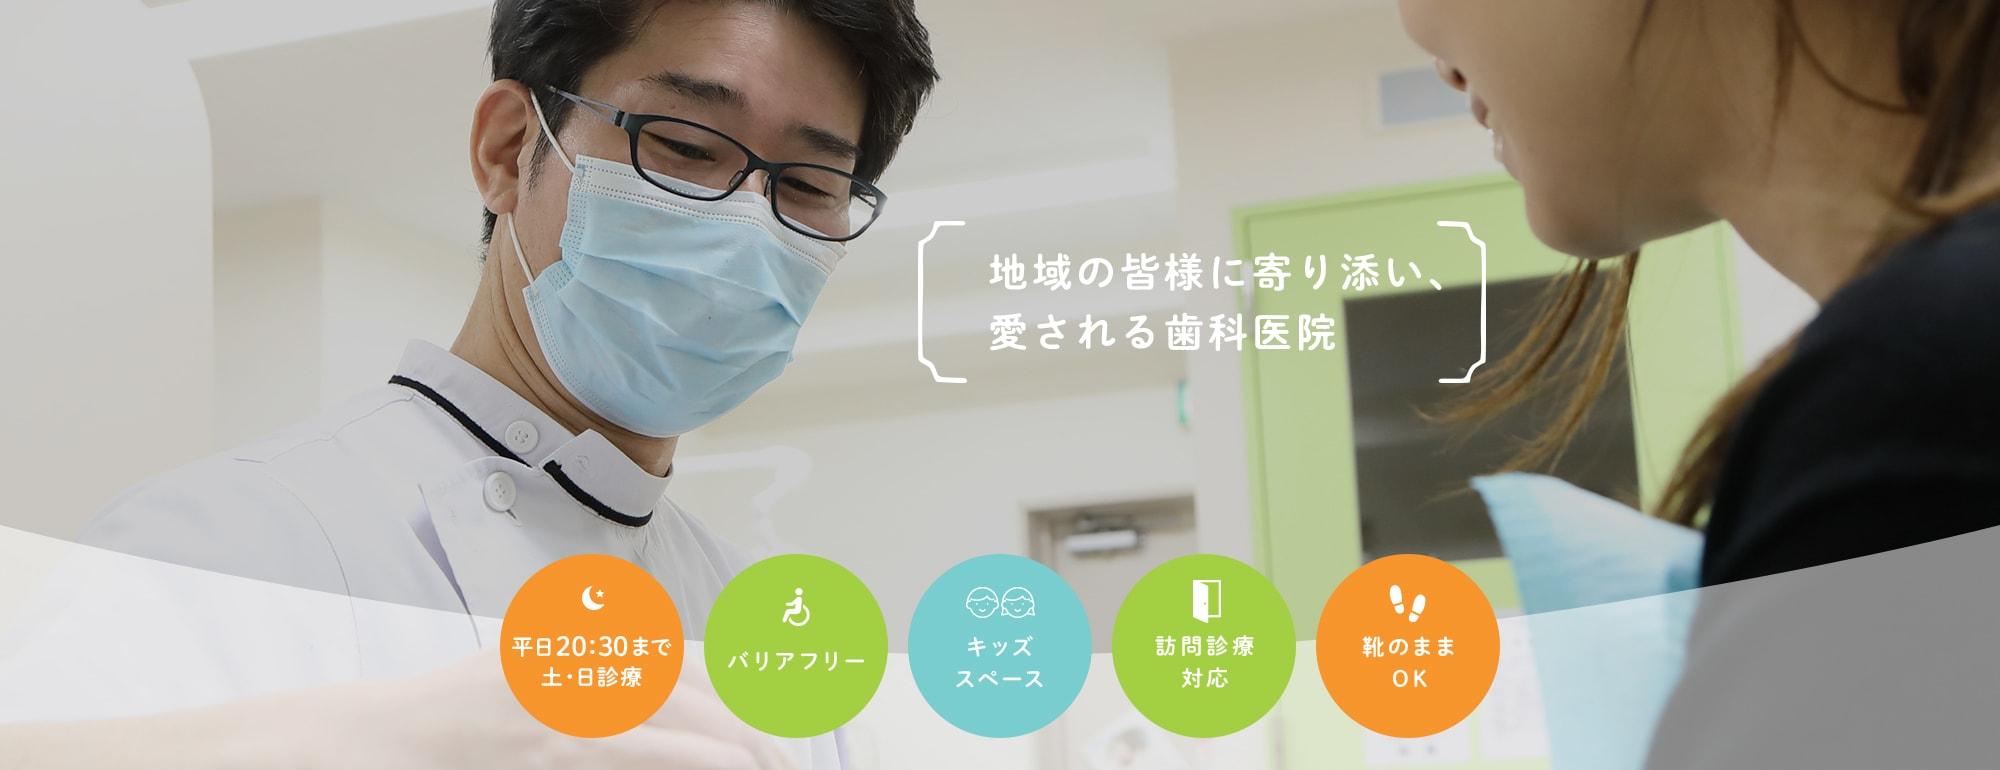 地域の皆様に寄り添い、愛されるとも歯科医院